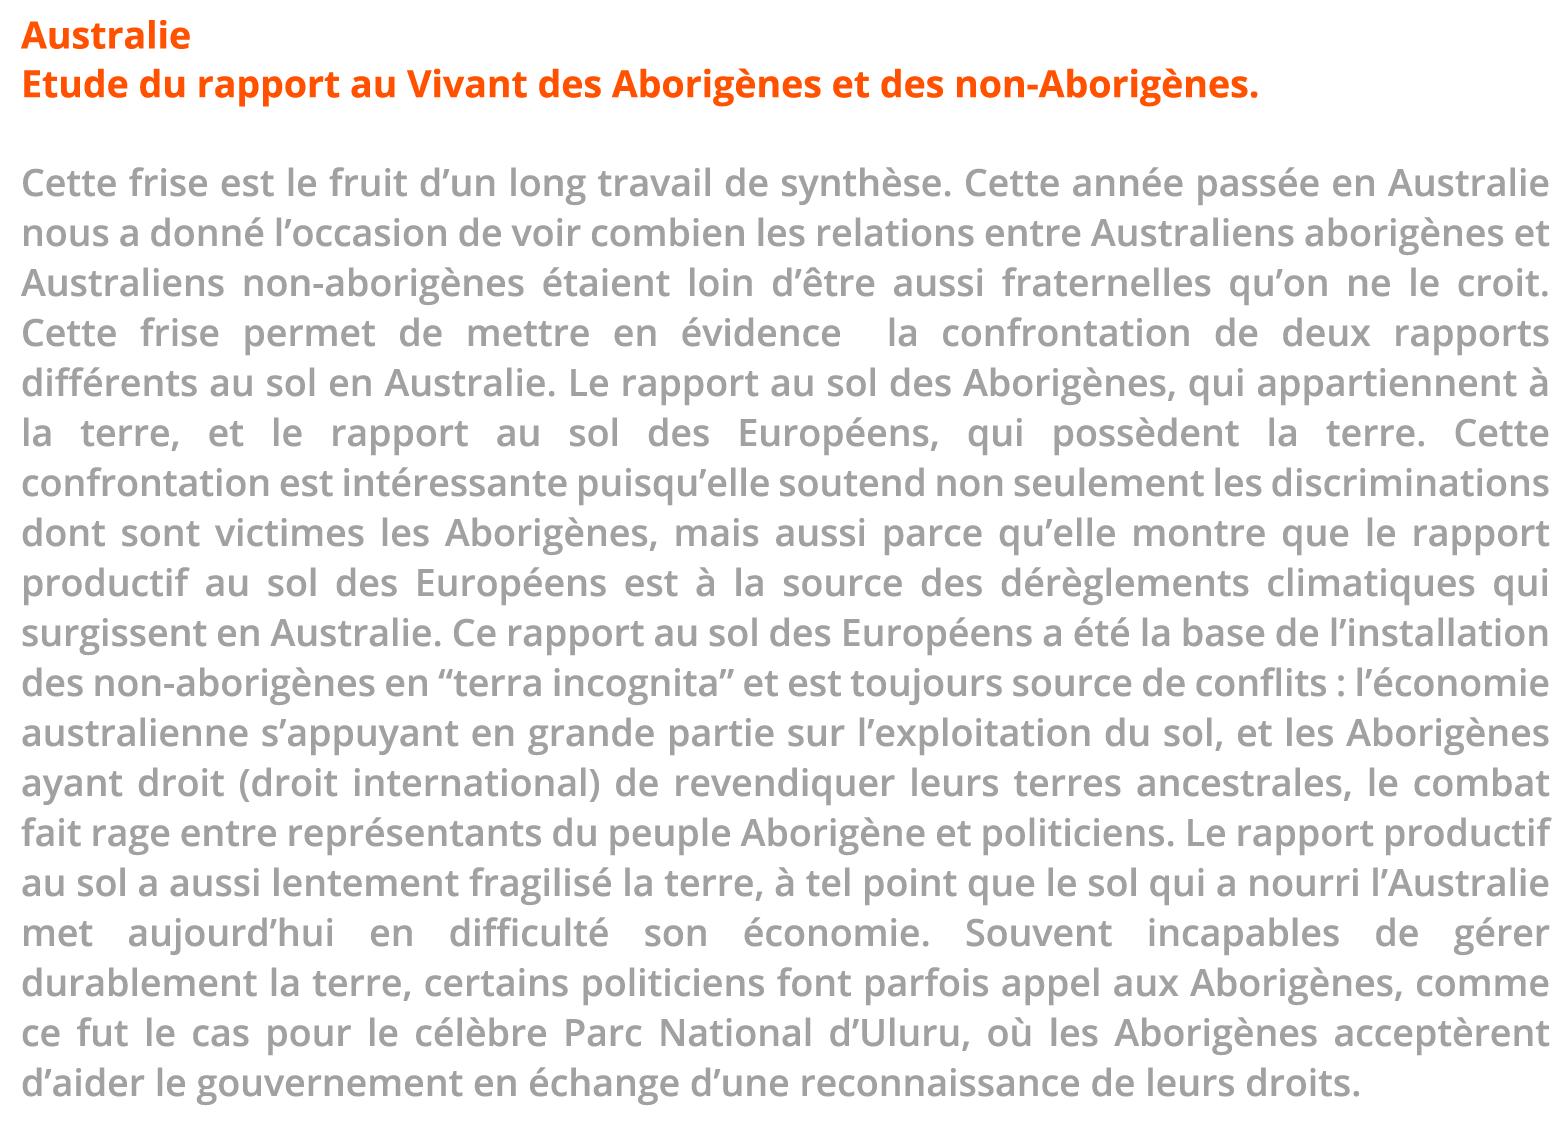 Australie-Frise-Texte.png